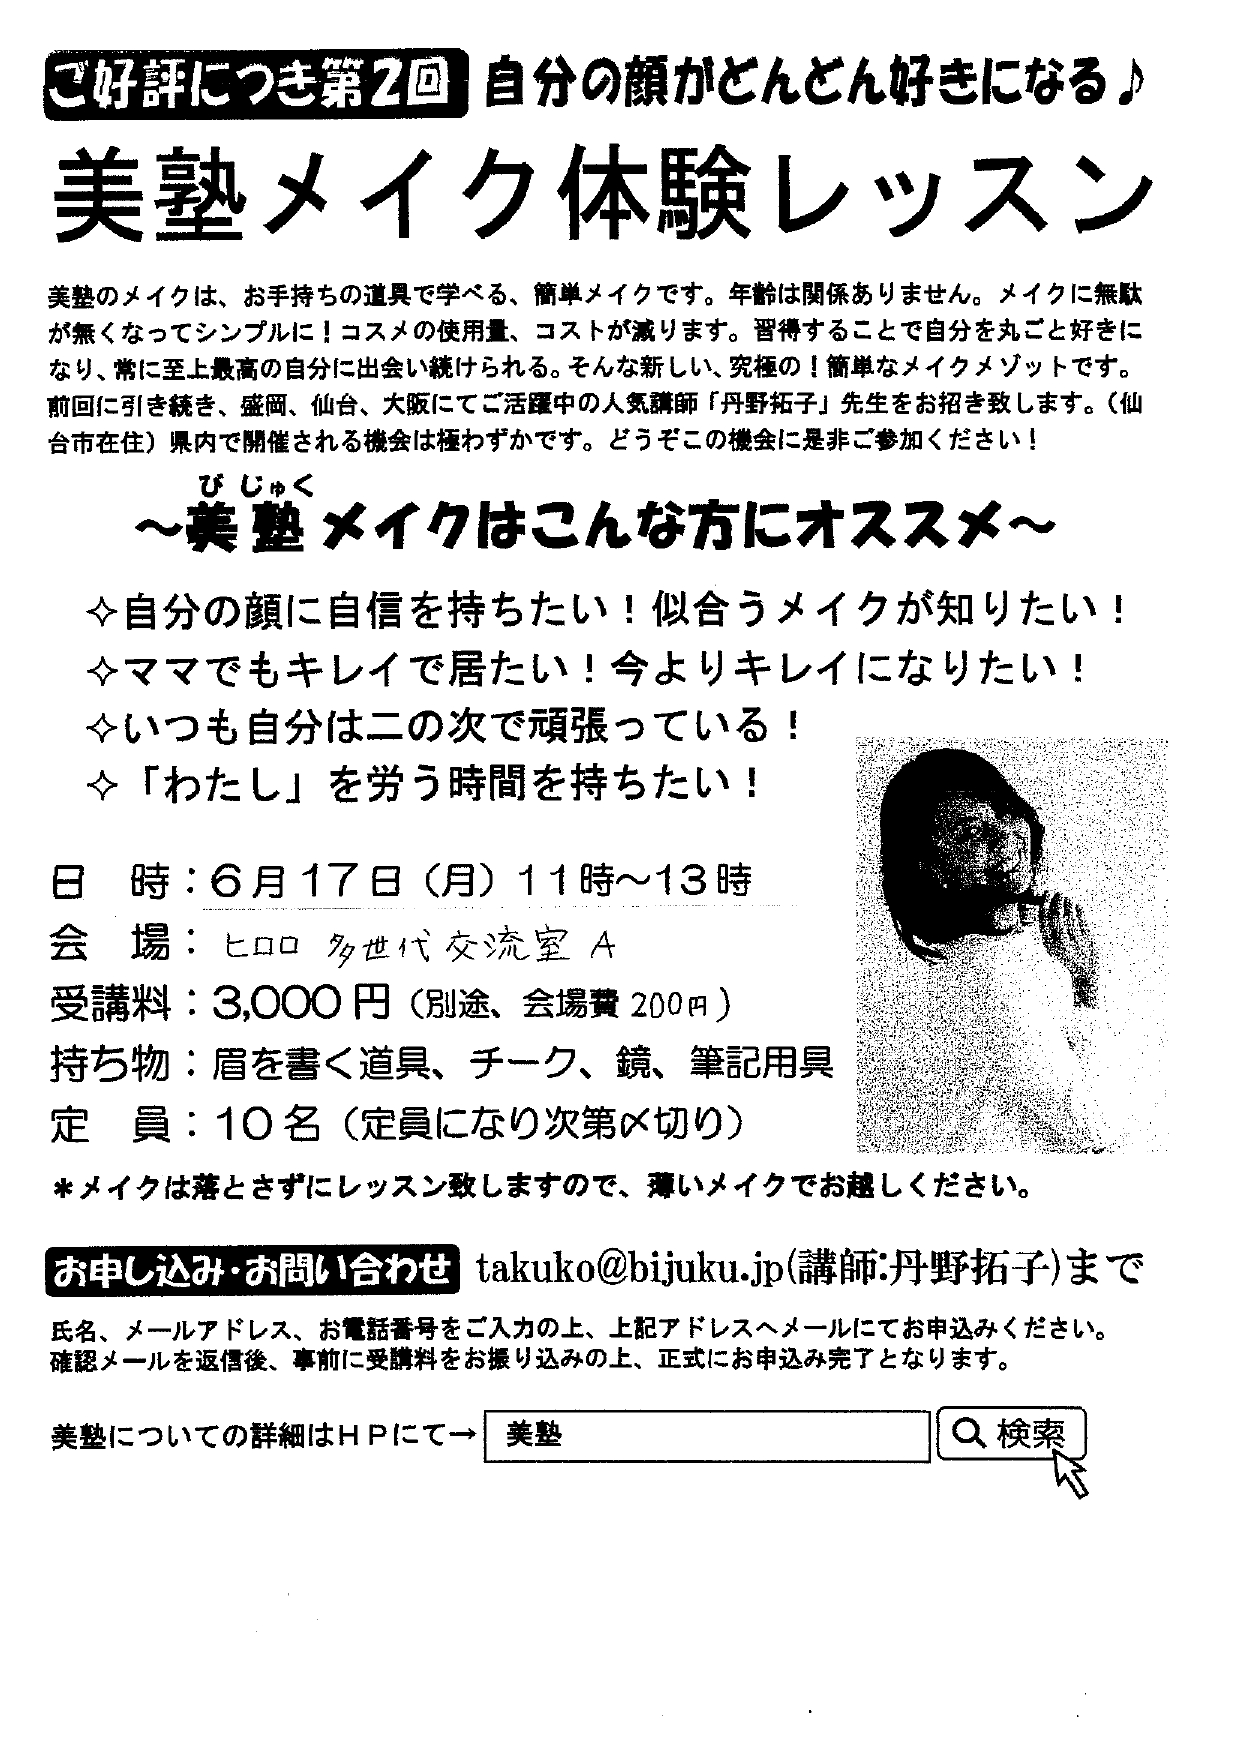 美塾メイク体験レッスン